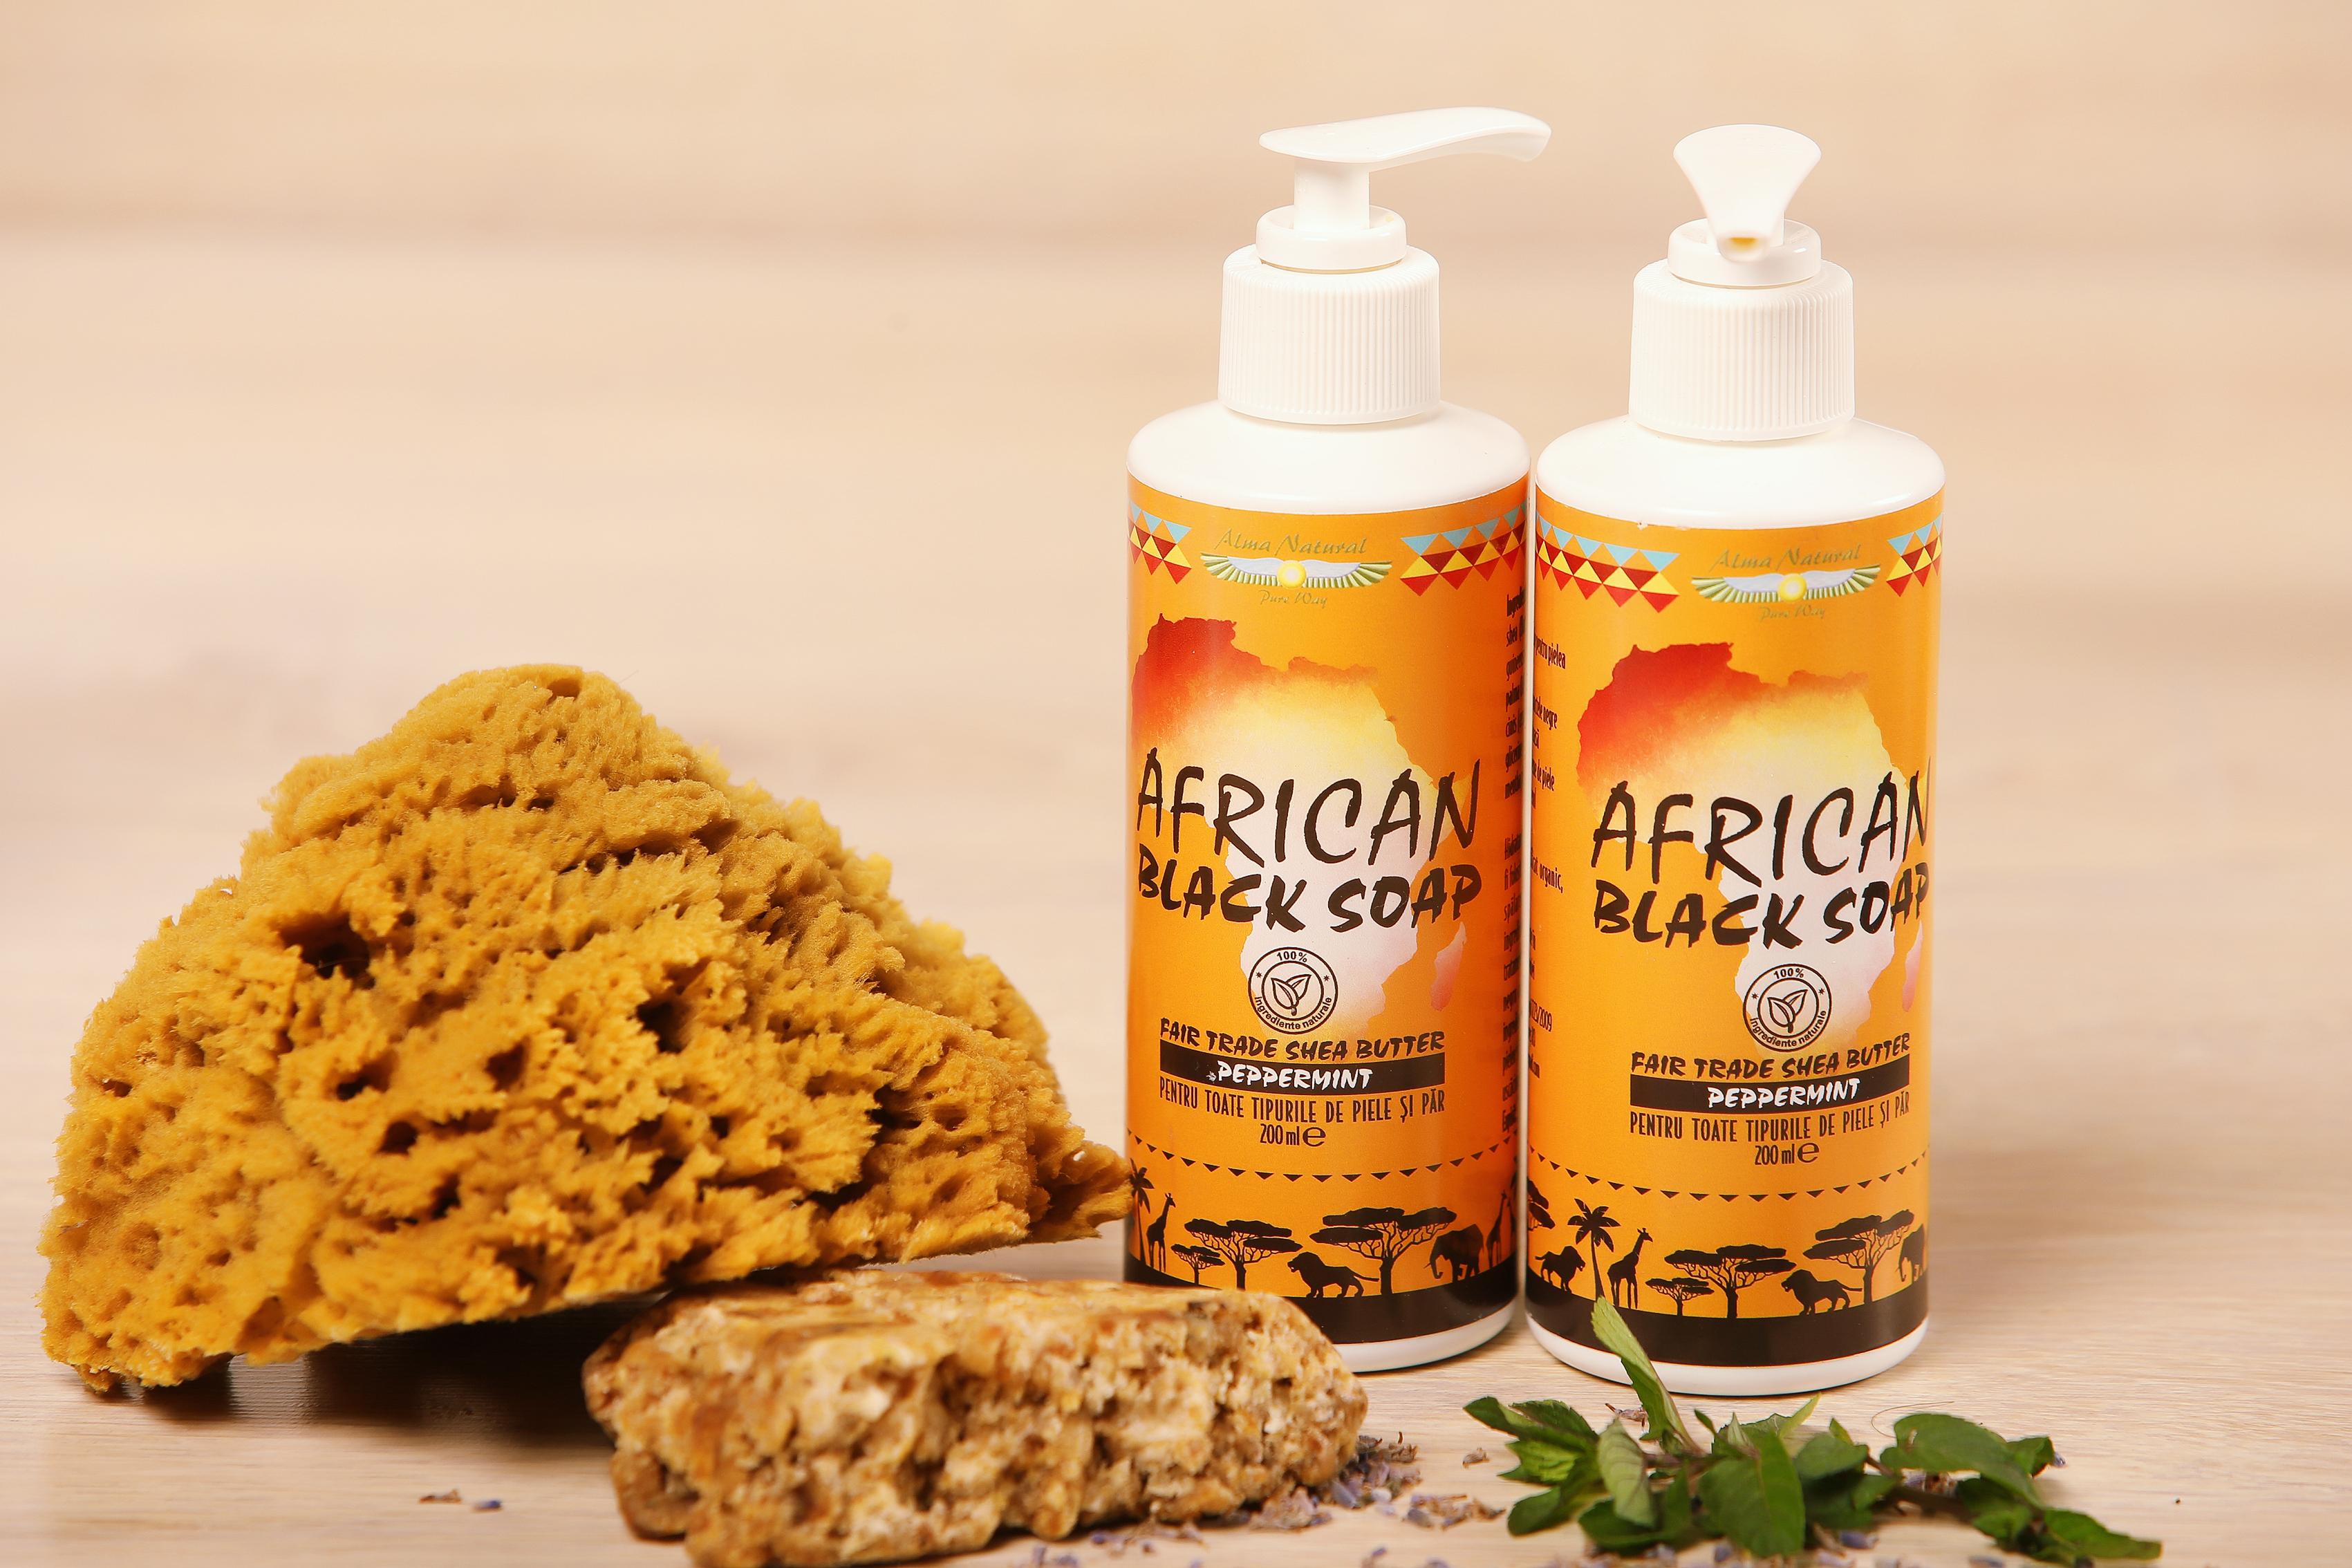 Sapun African